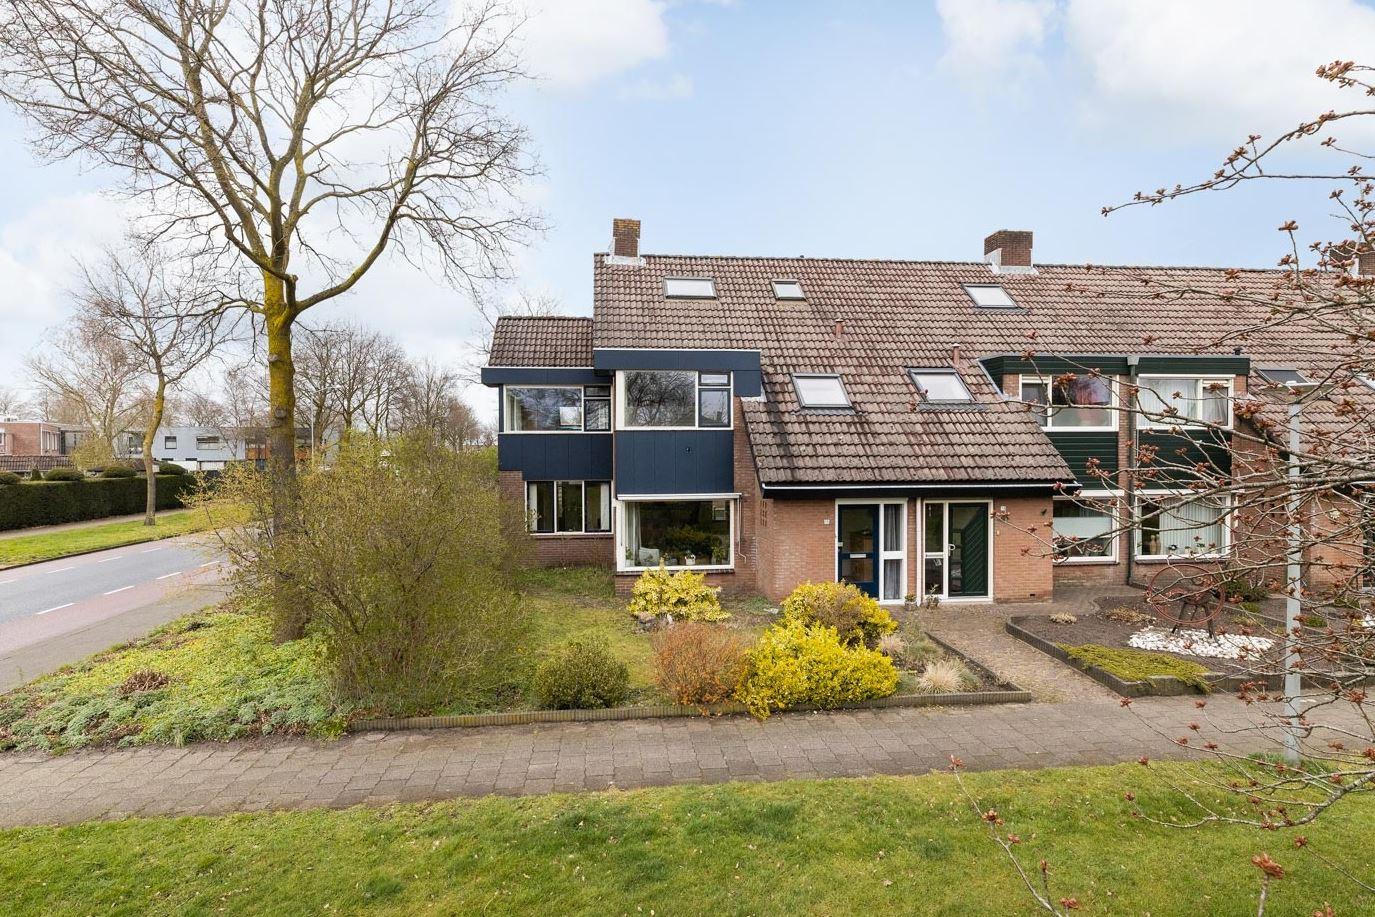 View photo 1 of Populierenhof 15